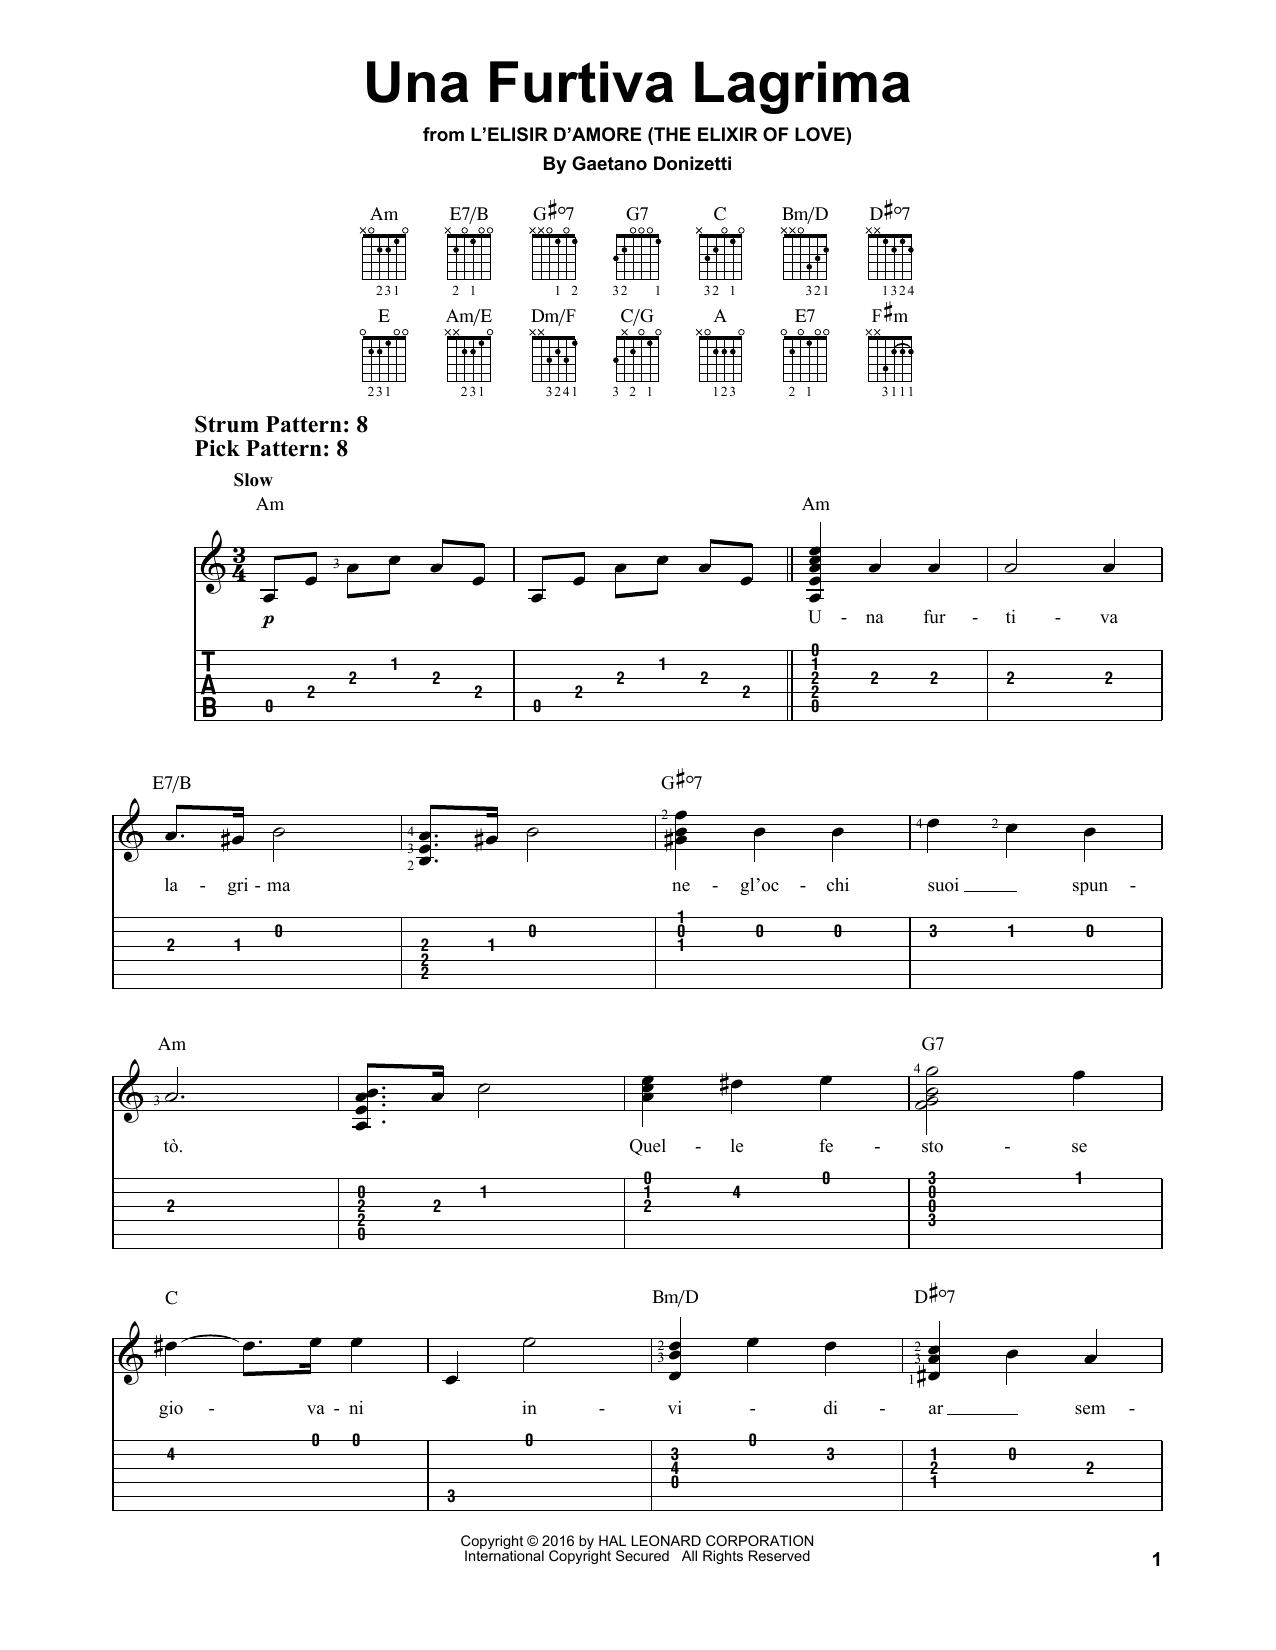 Tablature guitare Una Furtiva Lagrima de Gaetano Donizetti - Tablature guitare facile